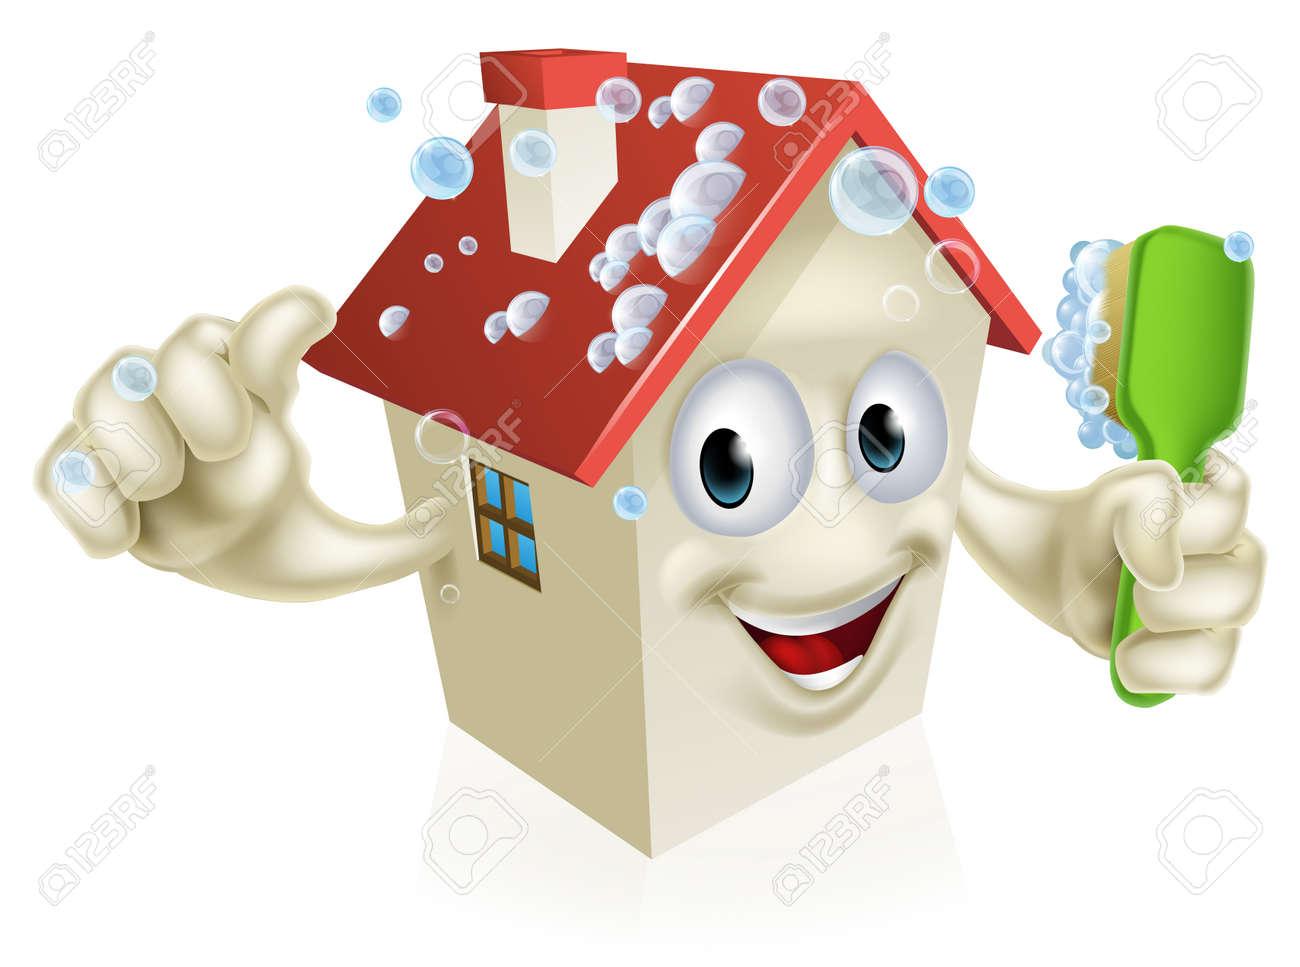 Nettoyer Une Maison une illustration d'un nettoyage maison de bande dessinée mascotte